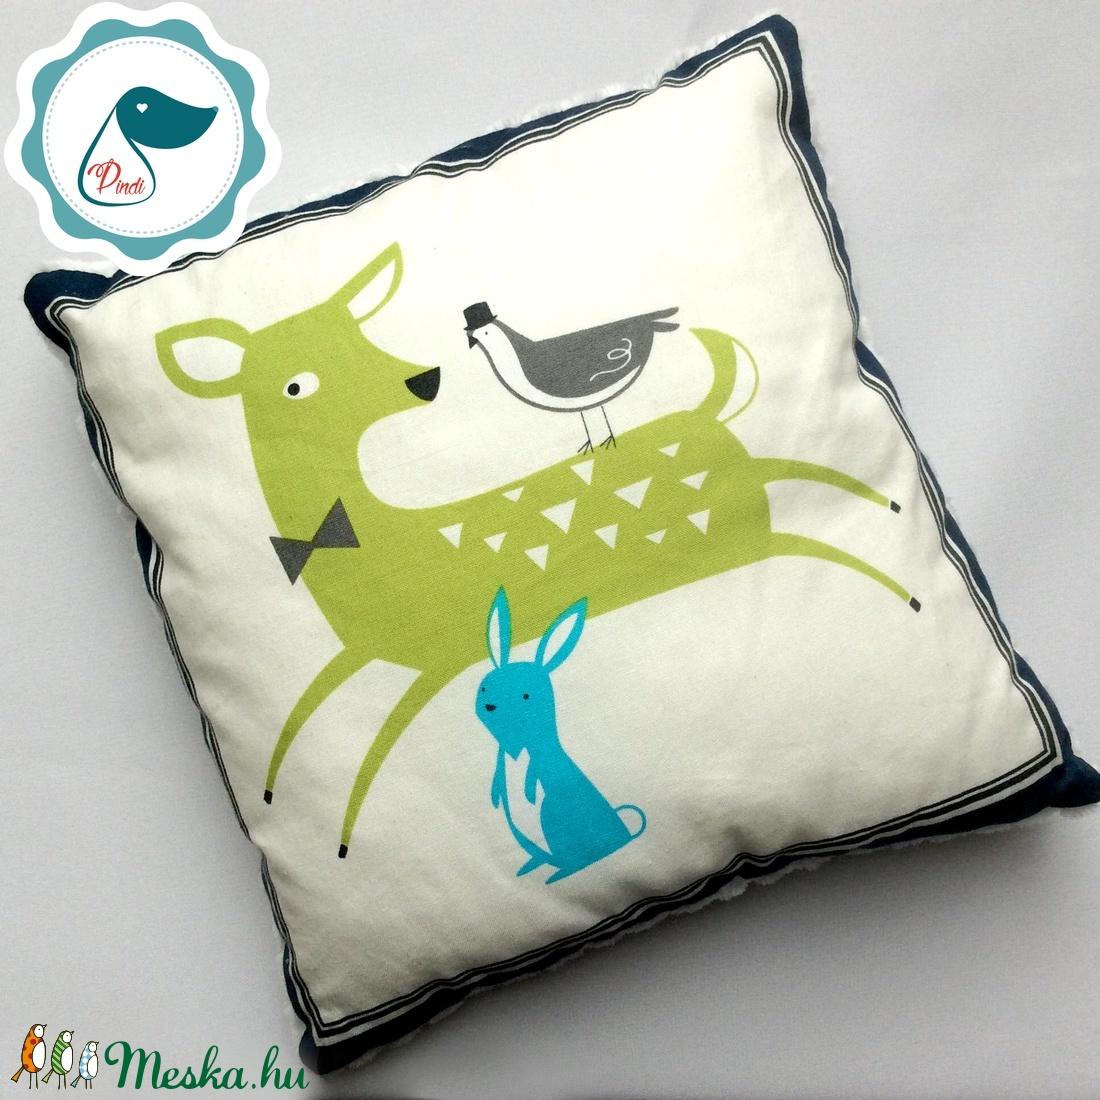 Gyerek őzike,nyusziminás párna - egyedi kispárna - alvópárna - puha kispárna - ovi- és sulikezdés - ovis zsák & ovis szett - egyéb ovis kiegészítő - Meska.hu